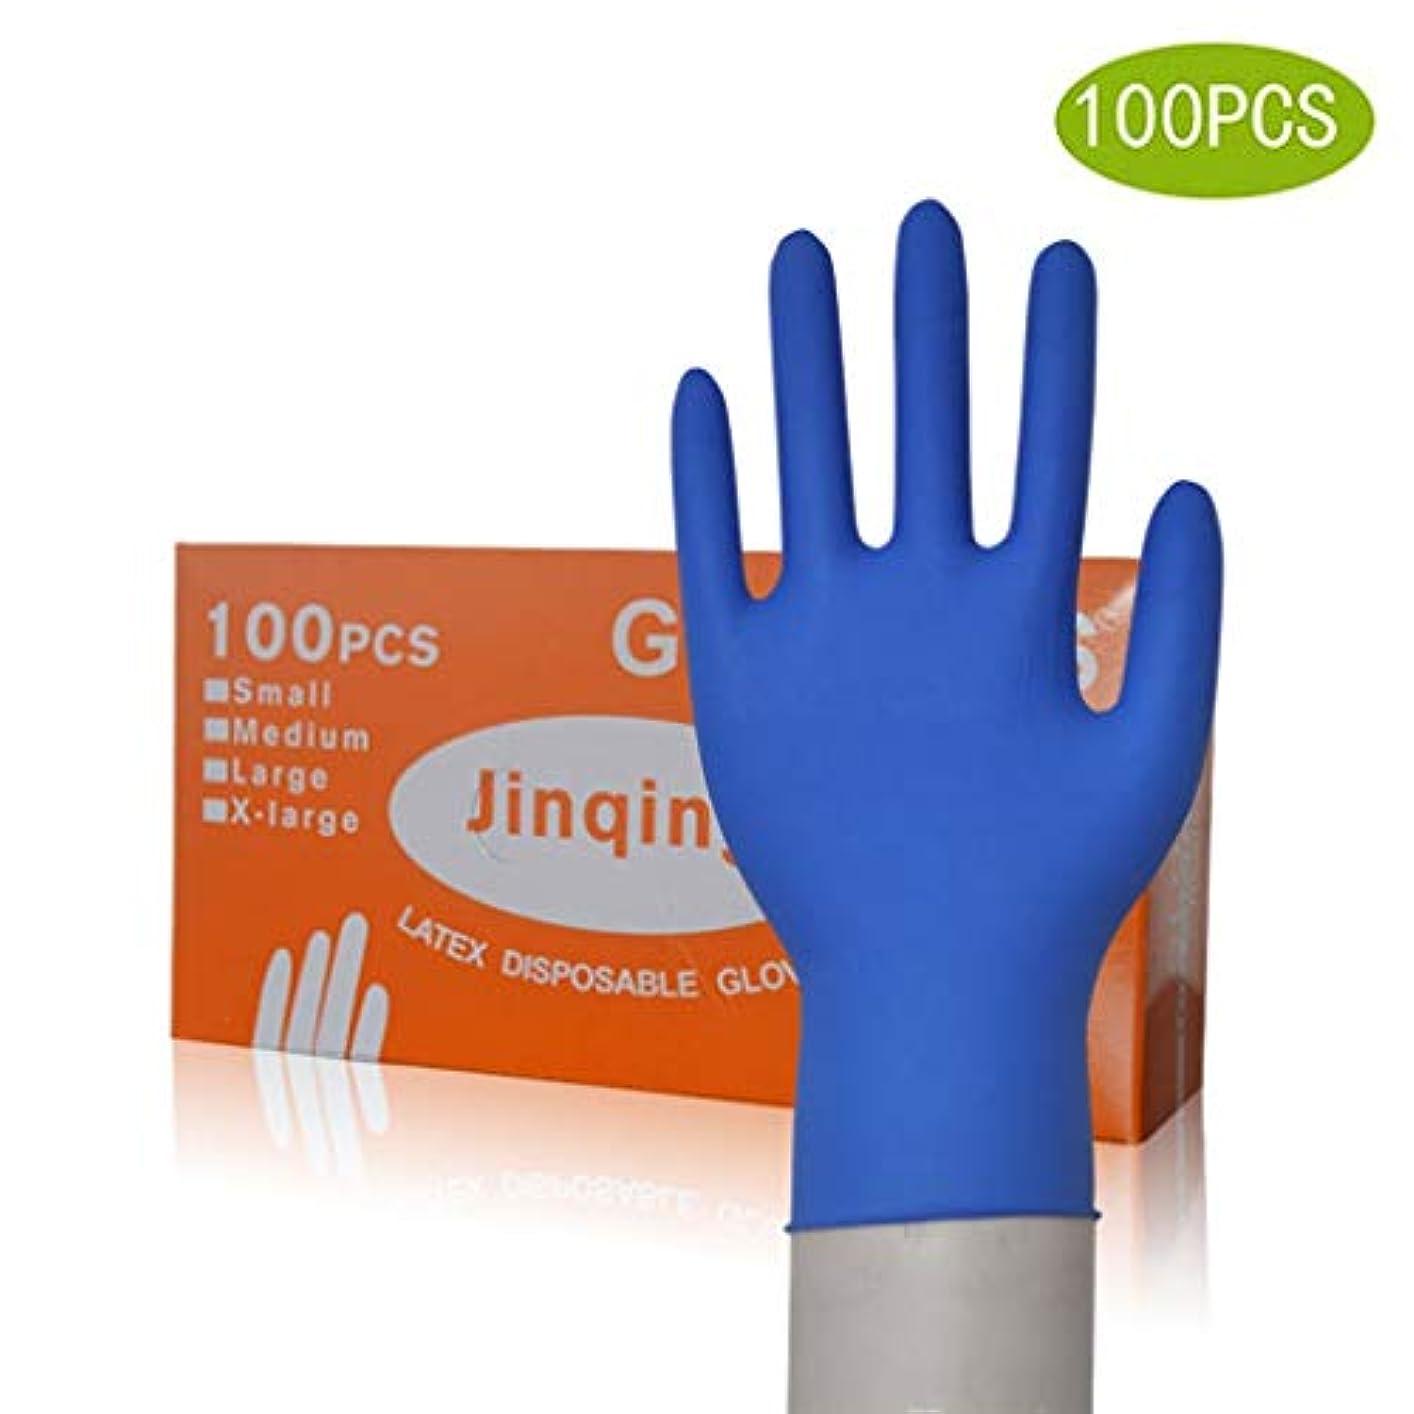 ボタンうがい鋼ニトリル手袋使い捨て肥厚ブルーDingqing使い捨て手袋ラテックス食品美容家事防水タトゥー|病院向けのプロフェッショナルグレード (Color : Blue, Size : M)